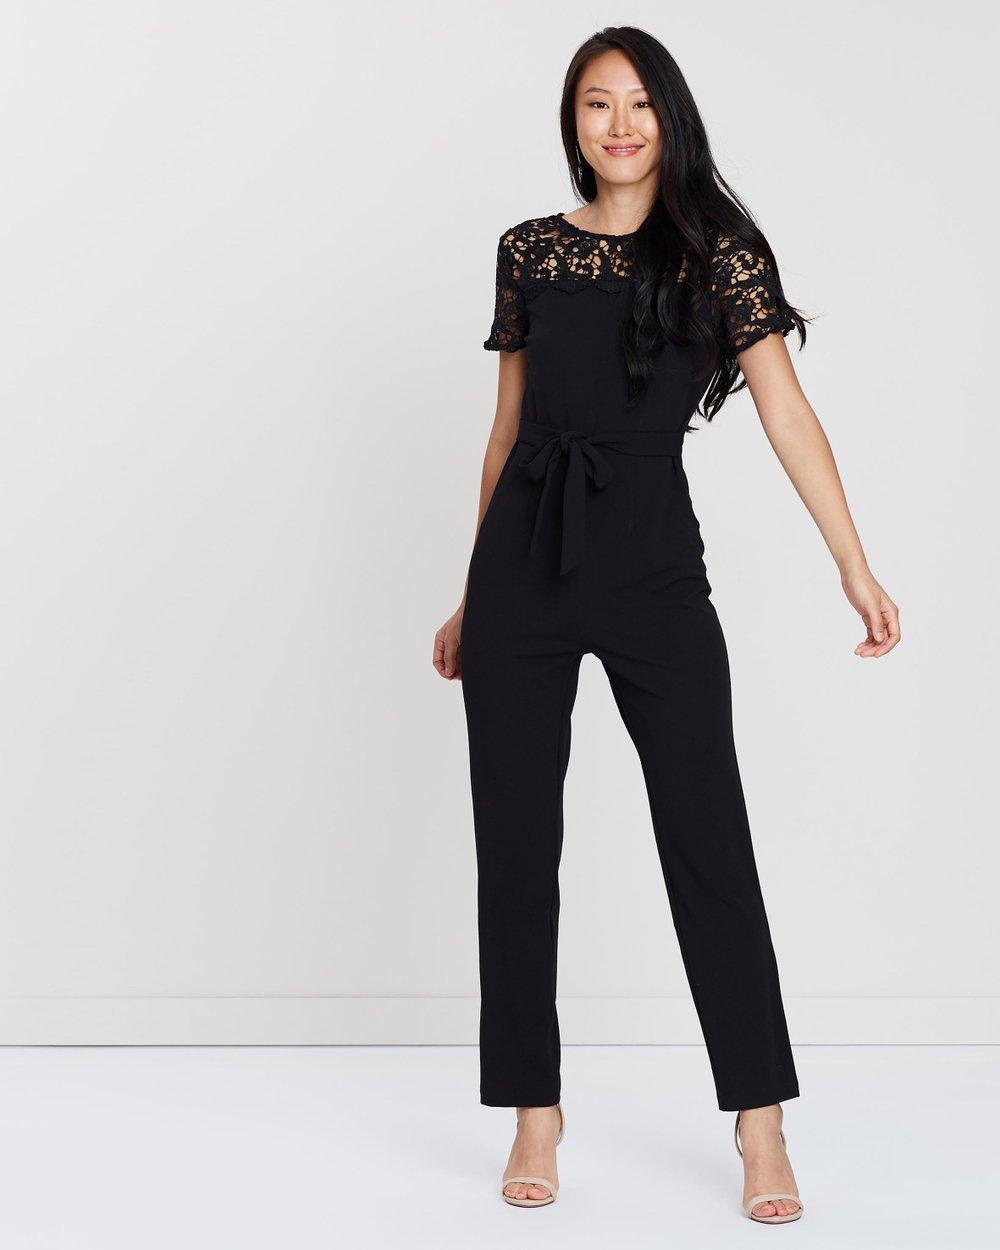 0e5fb661e1e8 Lace Mix Jumpsuit by Dorothy Perkins Online